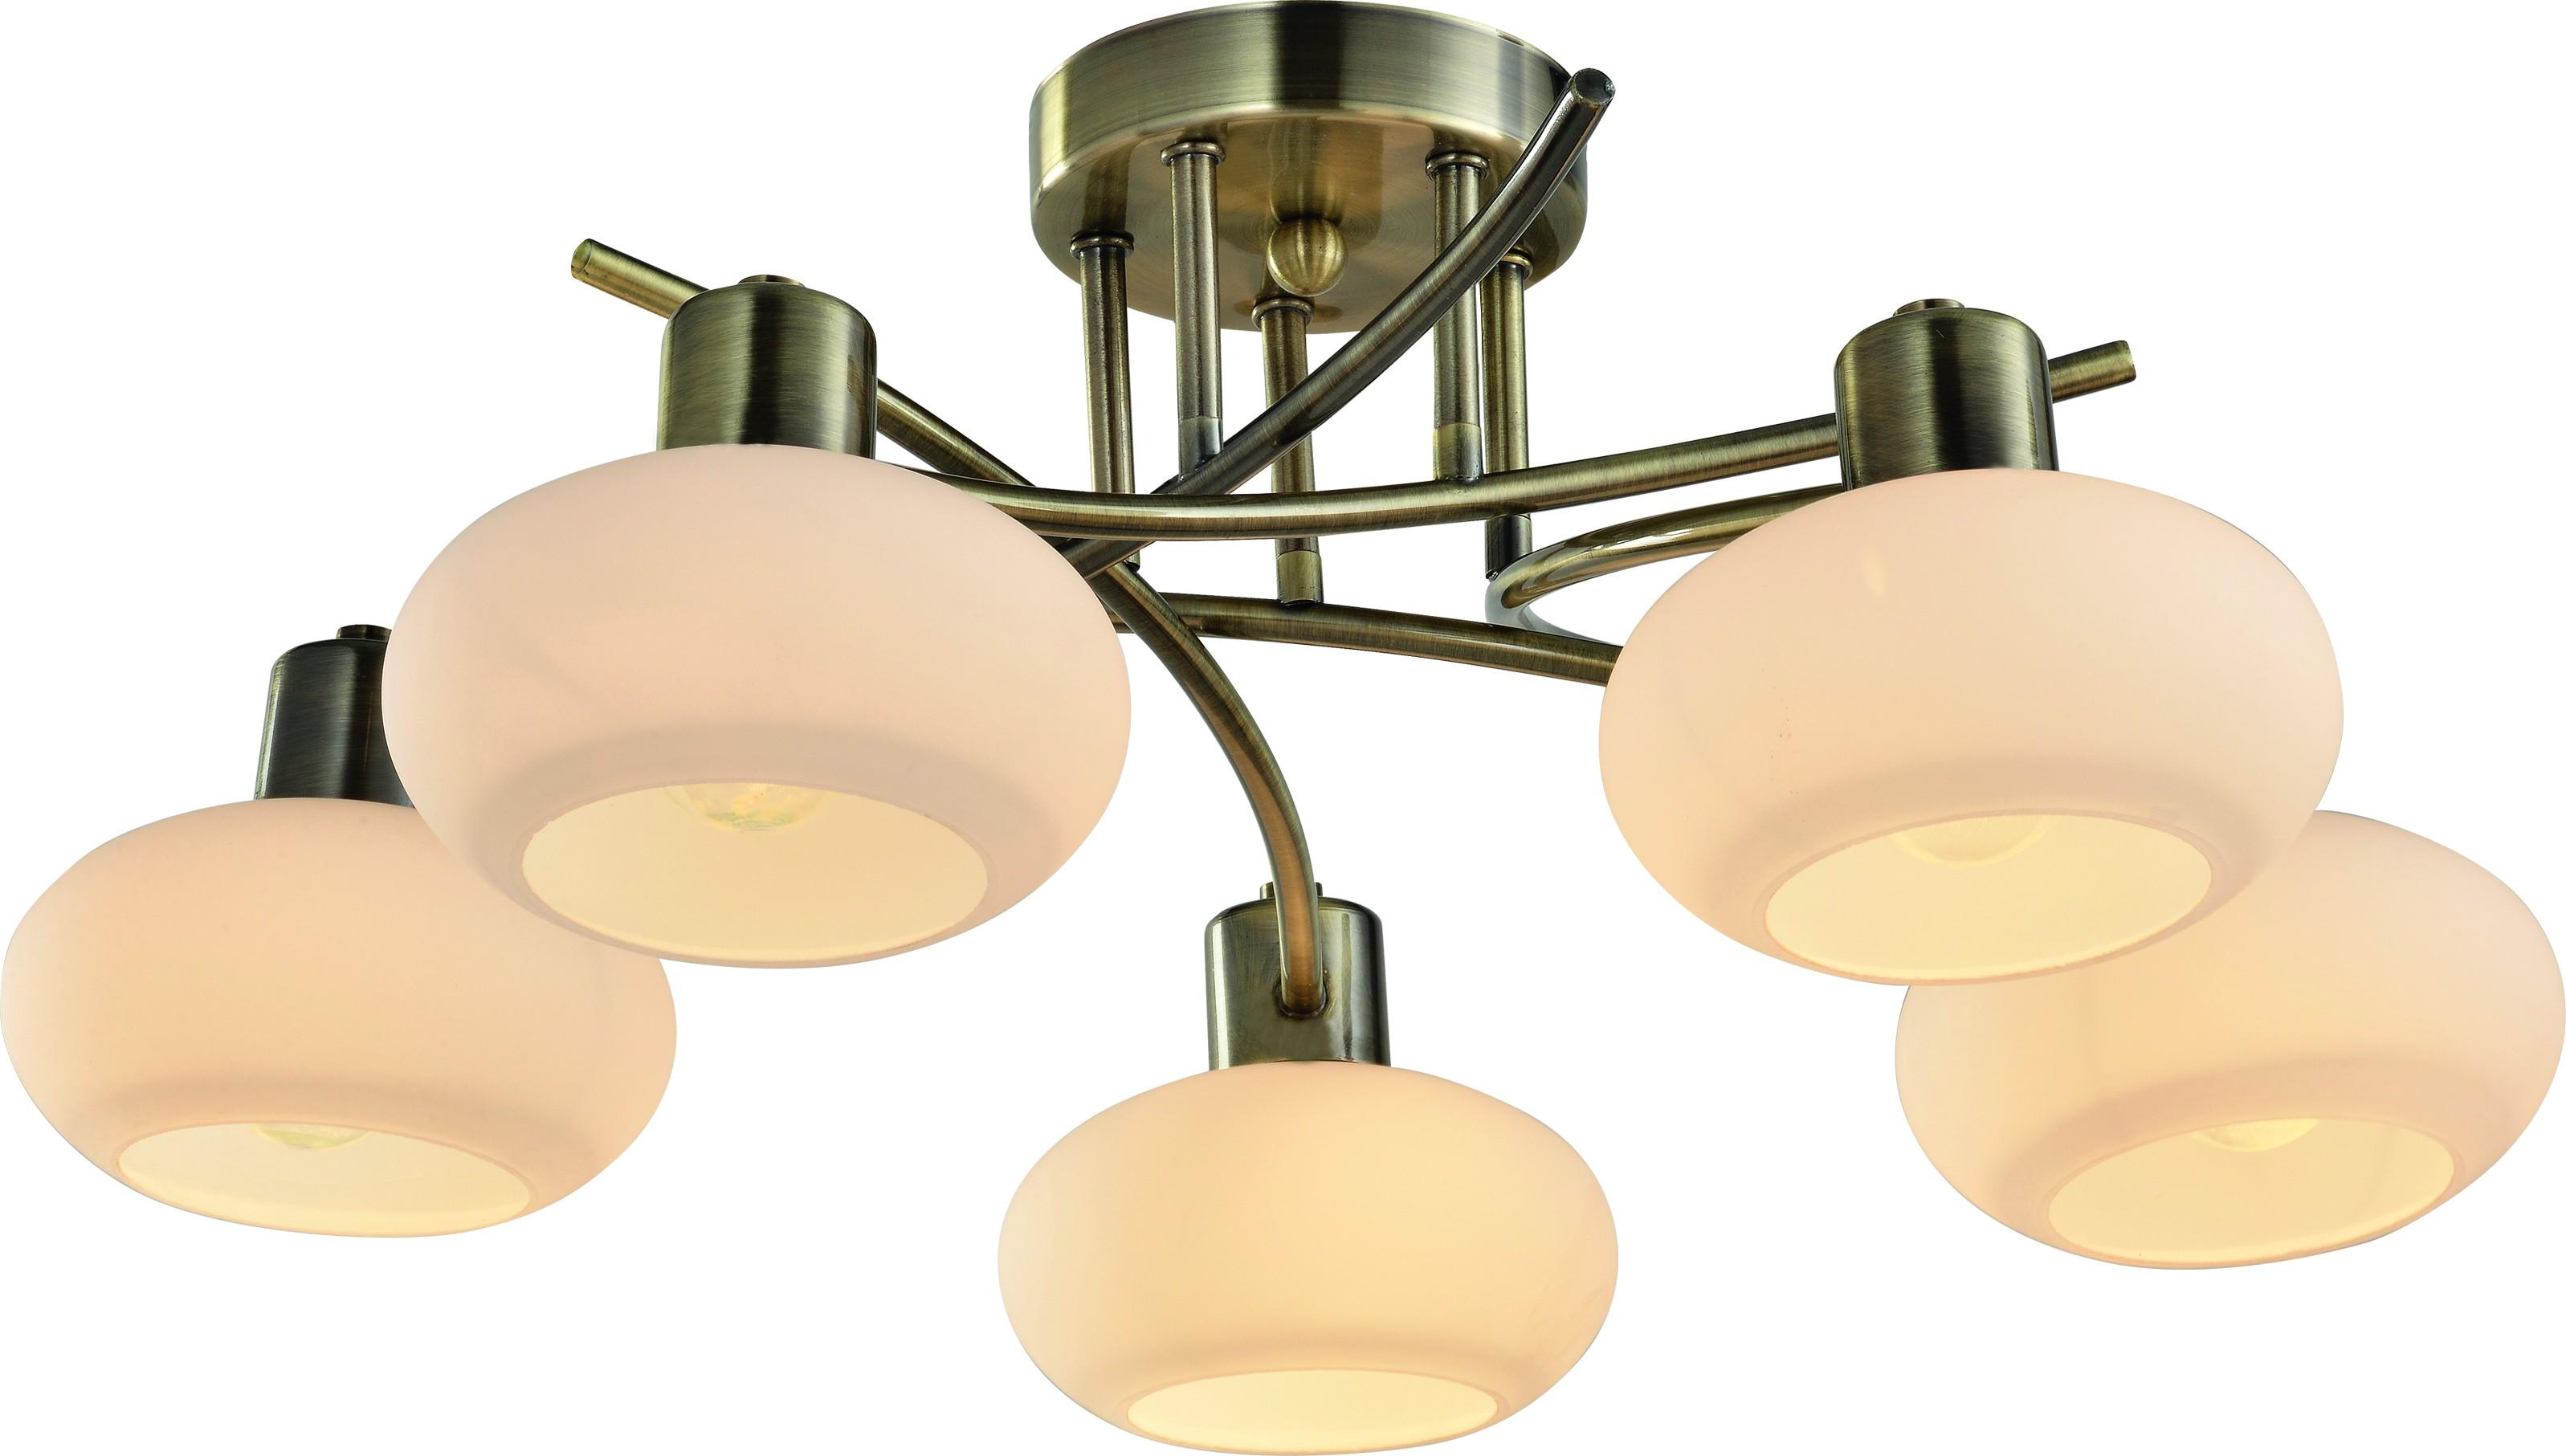 Люстра Arte lamp A7556pl-5ab производители деионизированная вода 5л